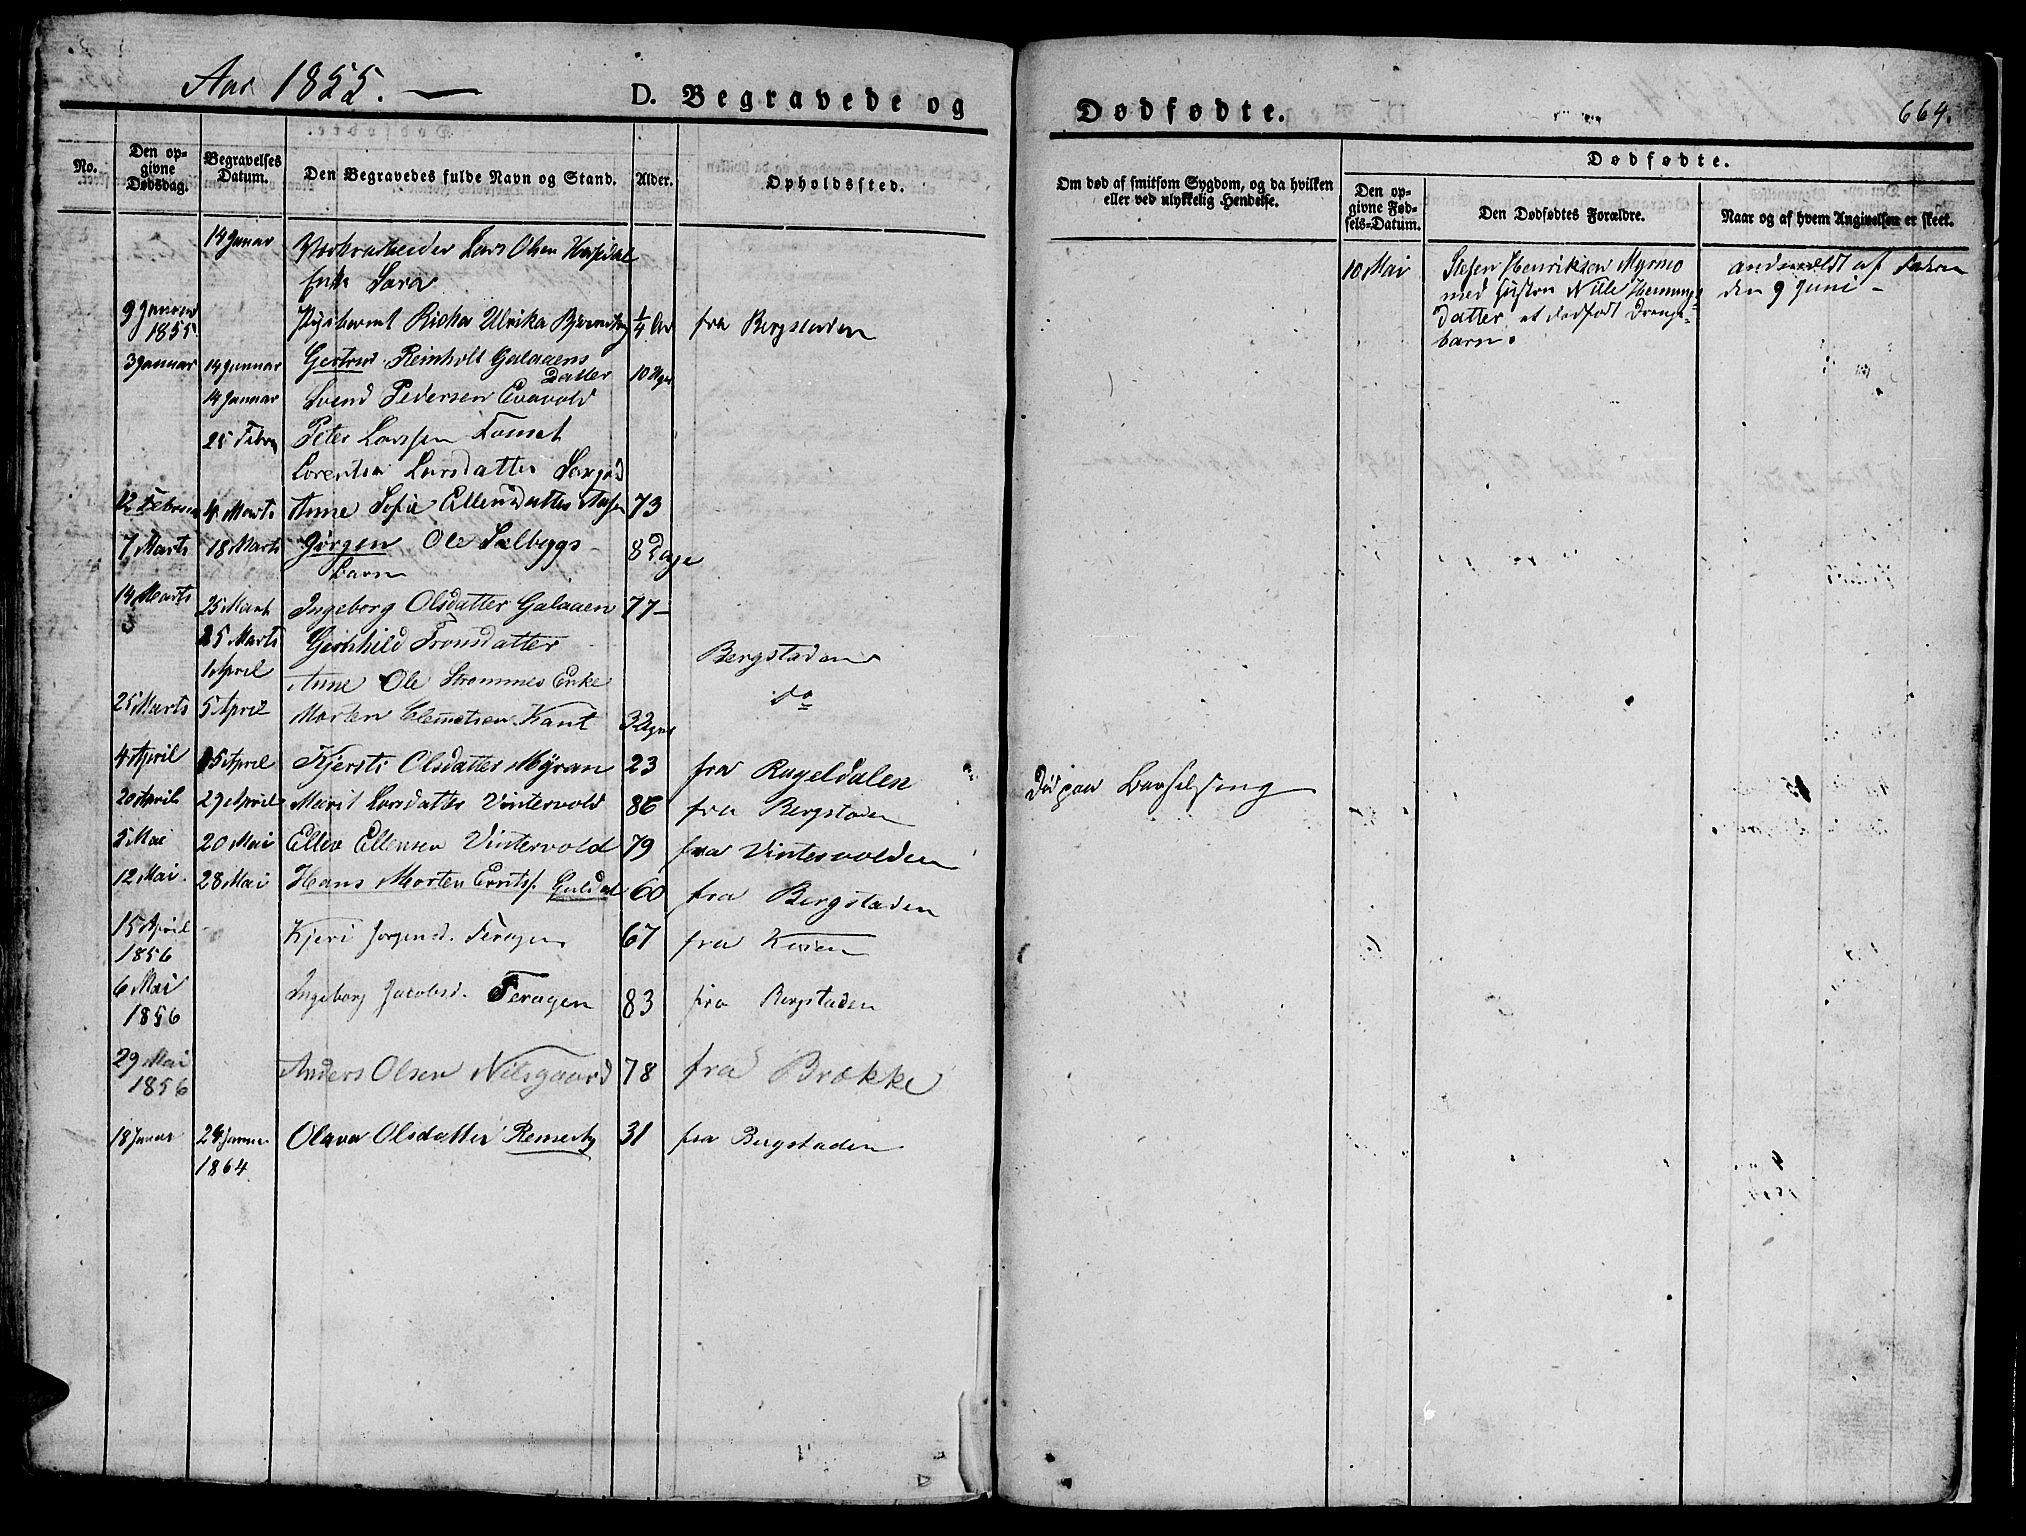 SAT, Ministerialprotokoller, klokkerbøker og fødselsregistre - Sør-Trøndelag, 681/L0939: Klokkerbok nr. 681C03, 1829-1855, s. 664